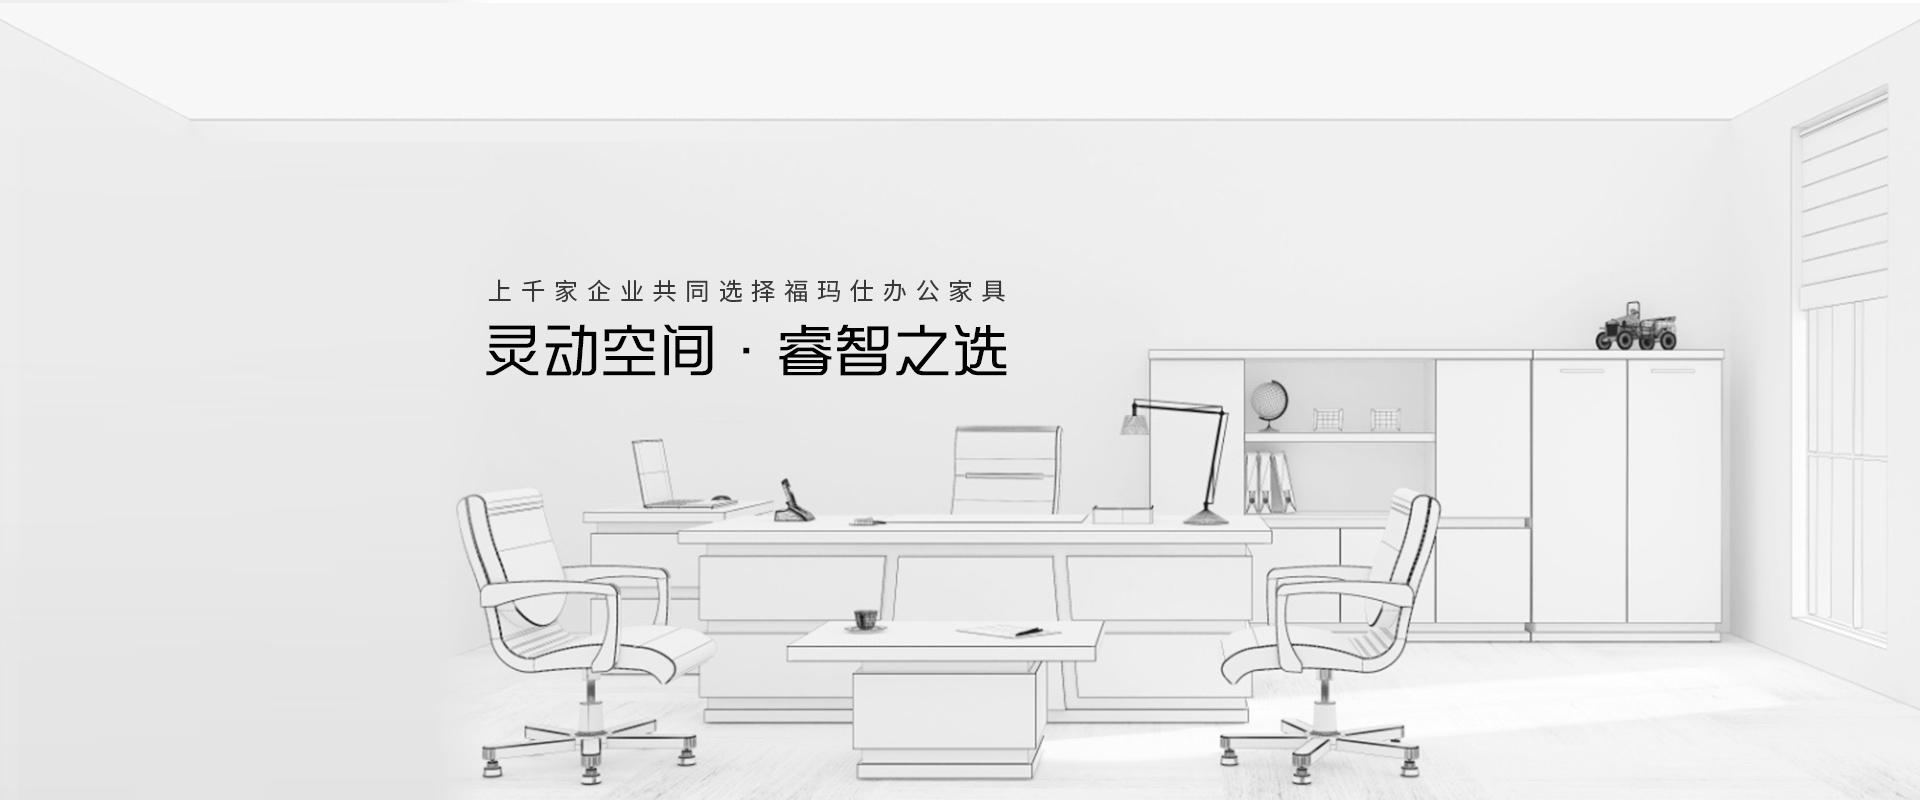 上千家企业共同选择福玛仕办公家具